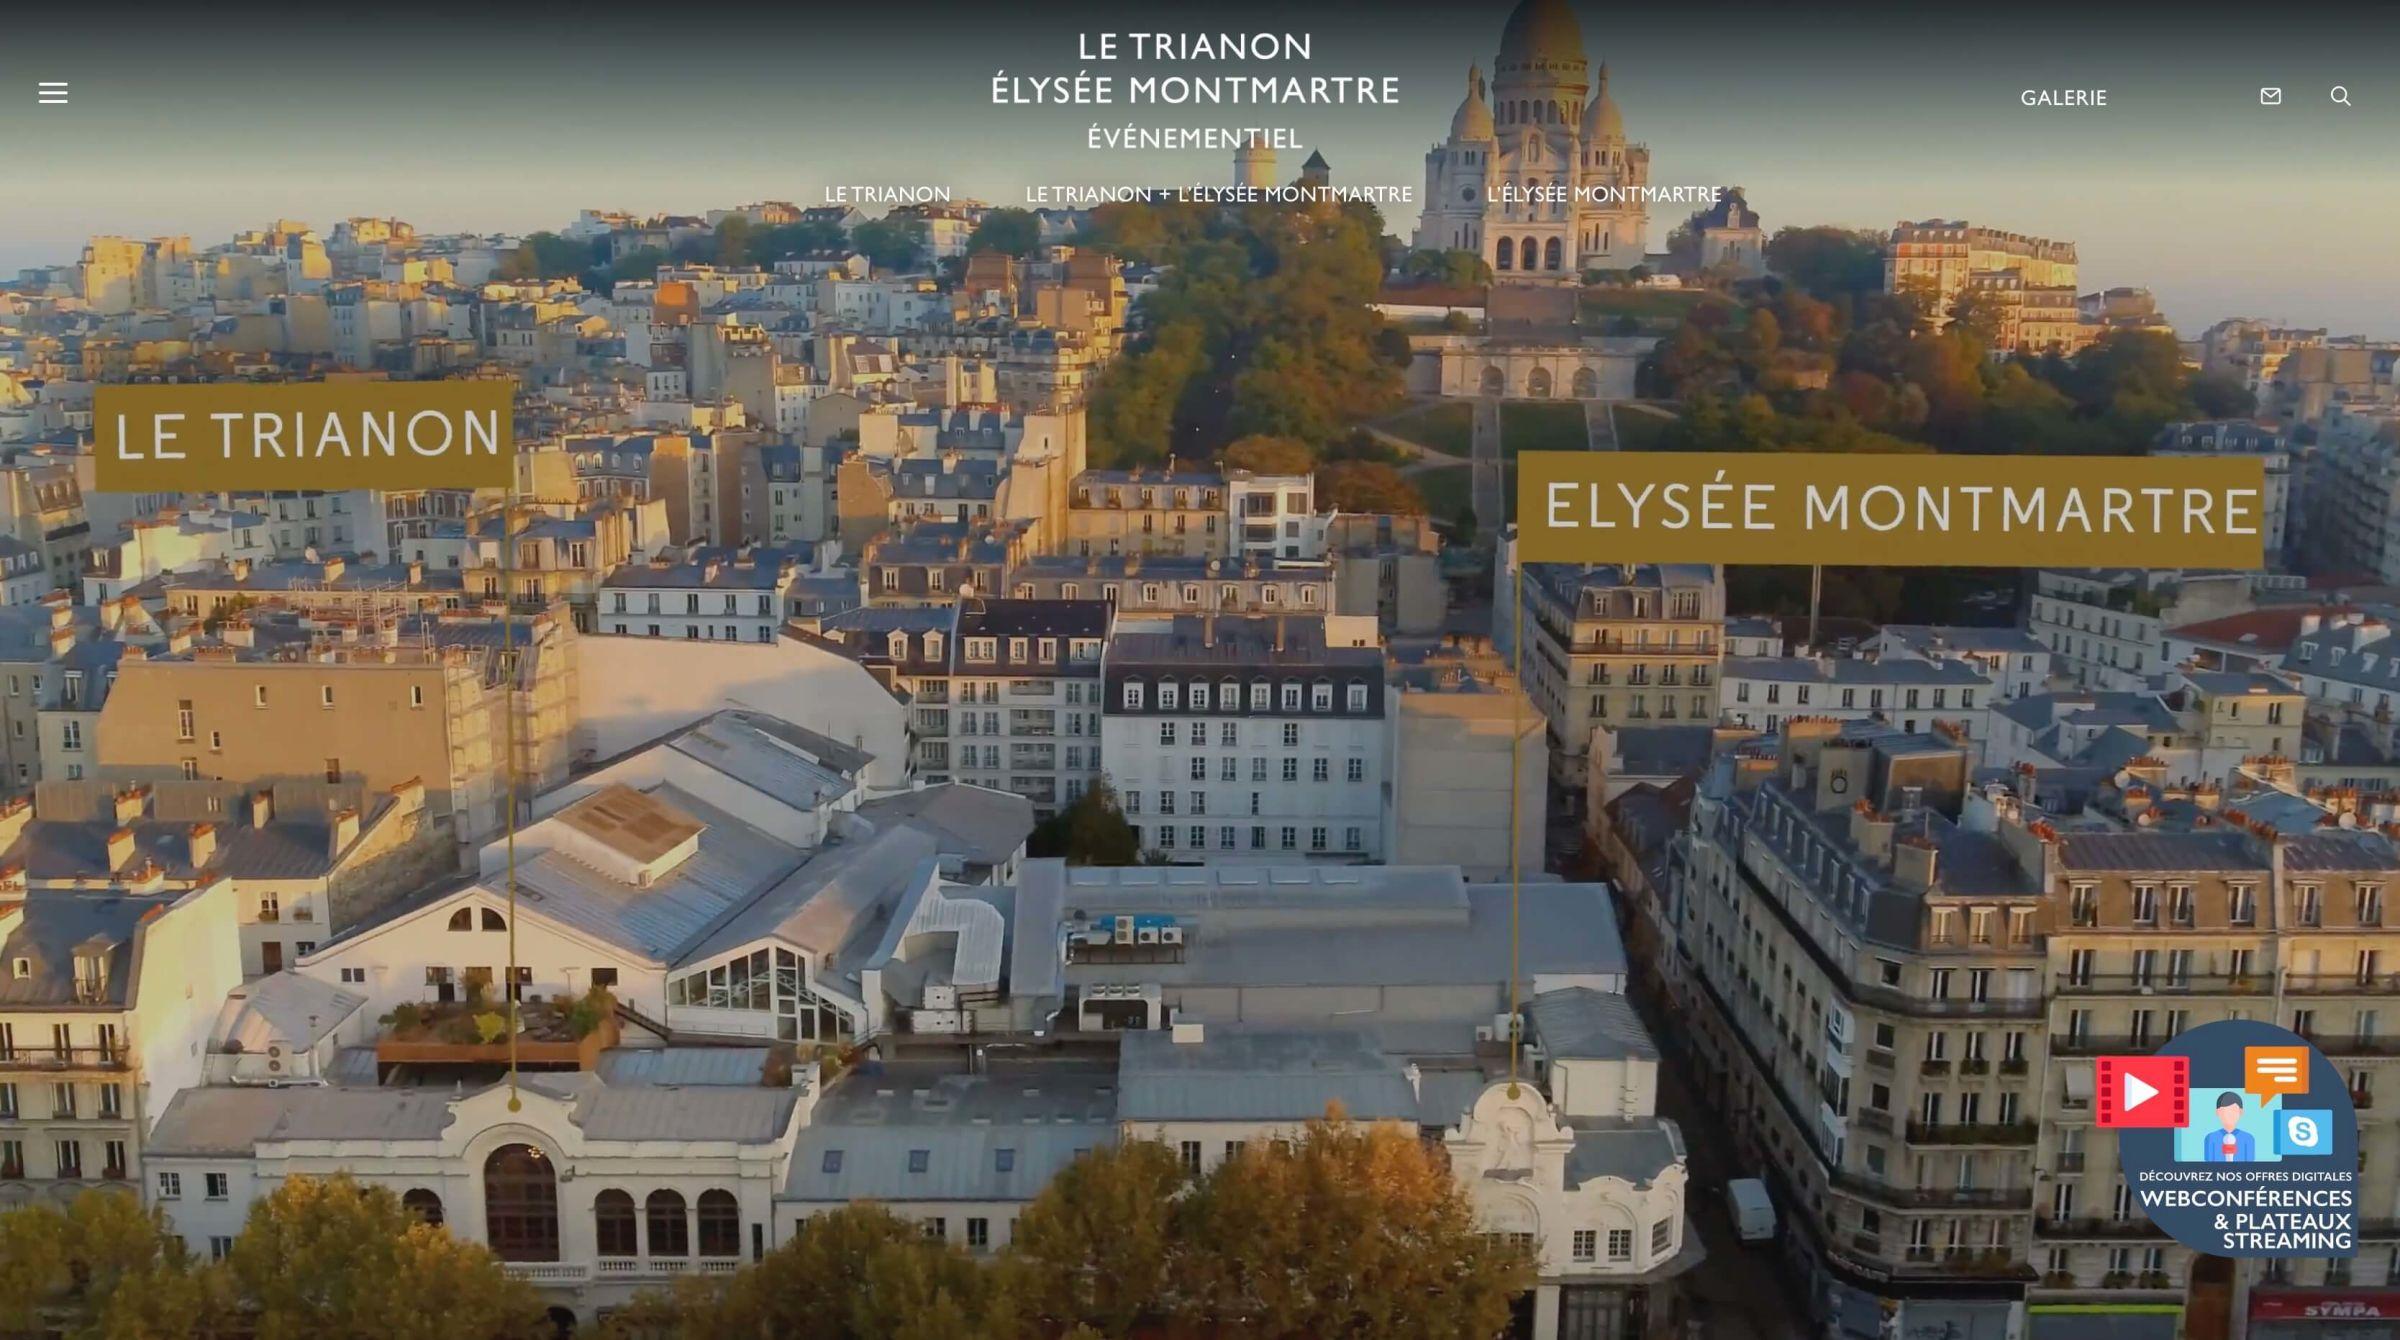 trianon-elyseemontmartre-website-screenshot